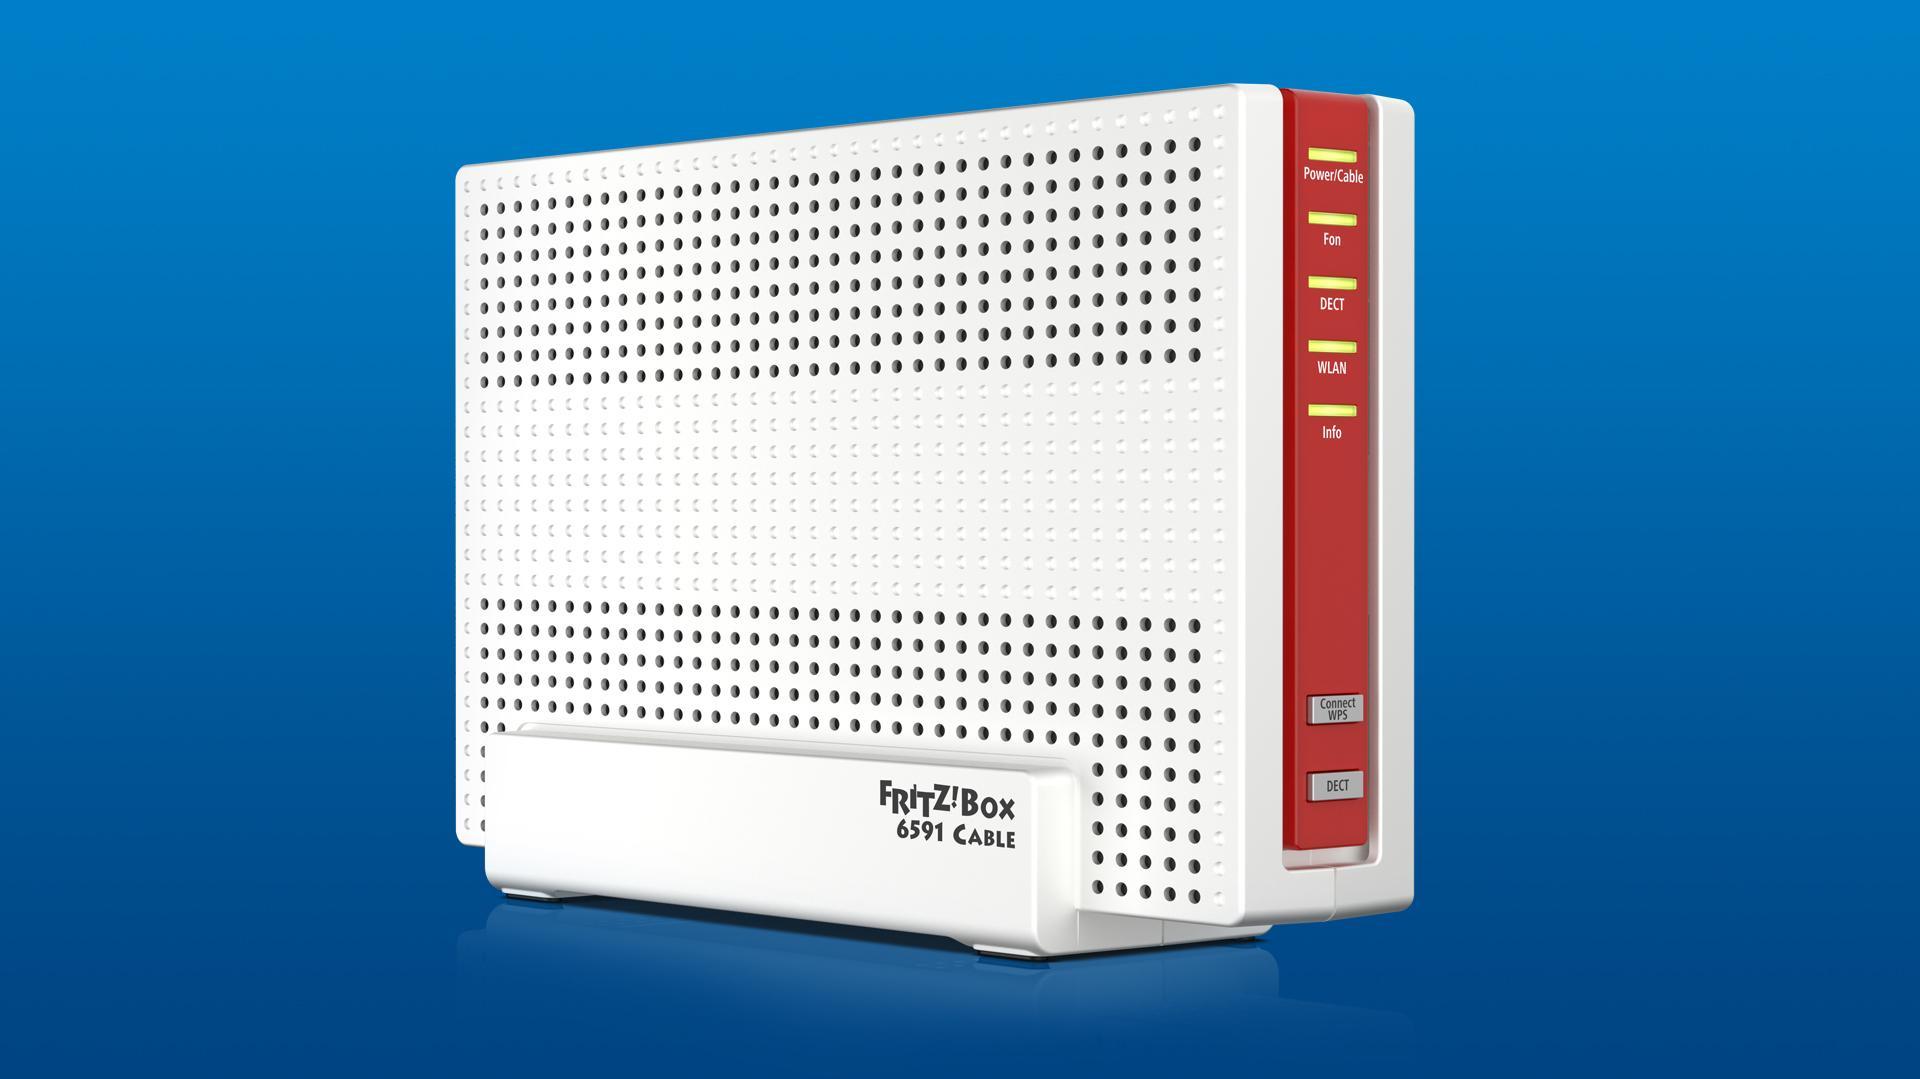 Gigabit Internet Fritzbox 20 für schnelle Kabelanschlüsse ...